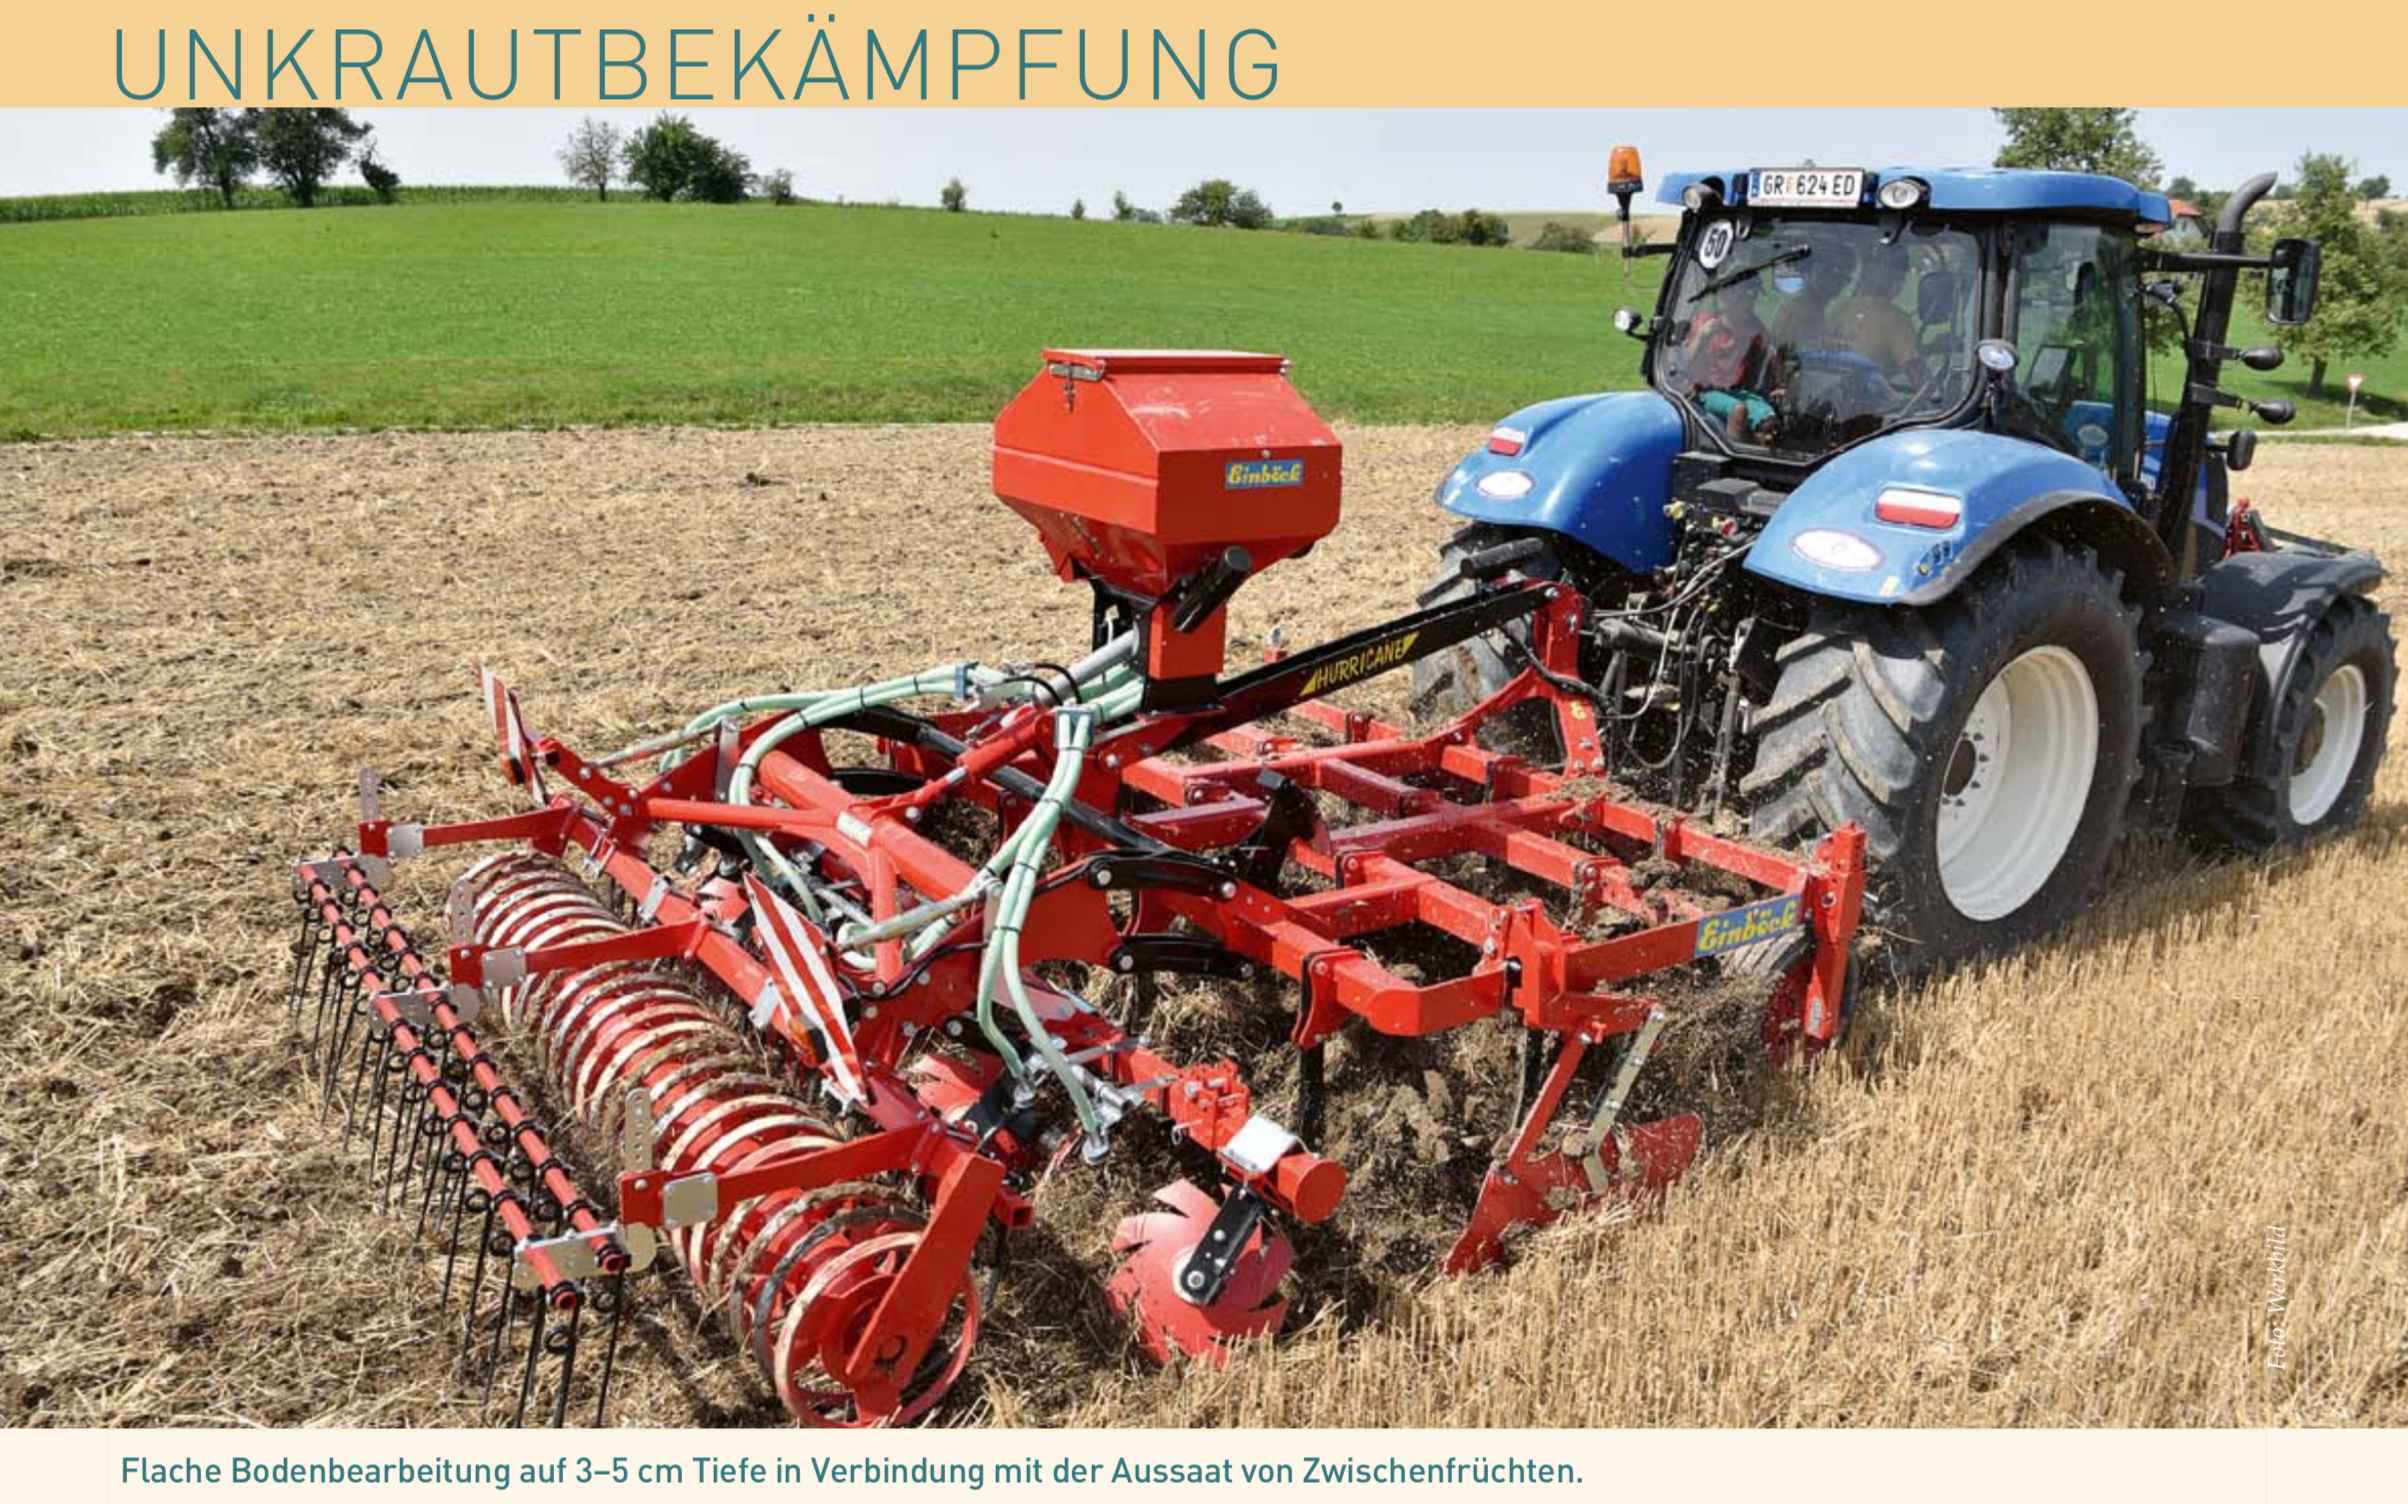 Alternativen zur Nutzung von Glyphosat – Methoden einer Ressourcen aufbauenden Landwirtschaft